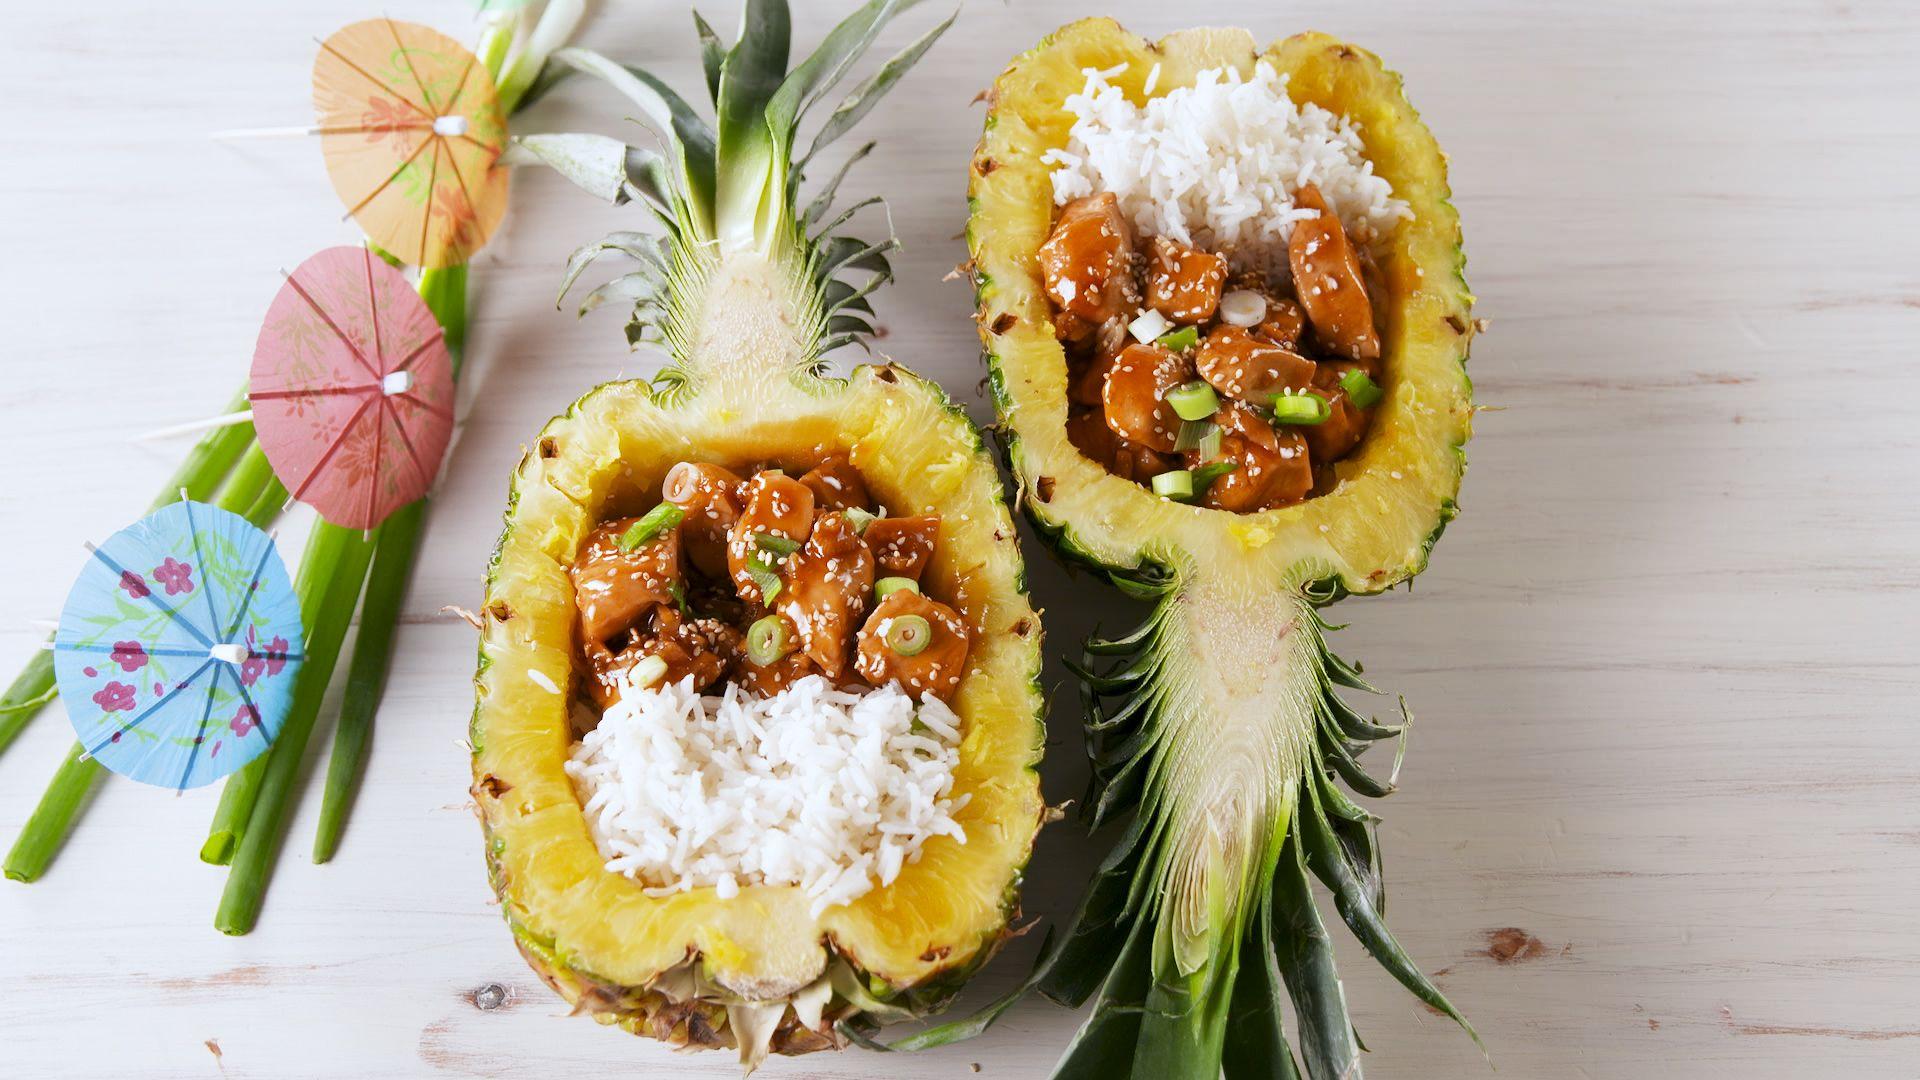 Best Chicken Teriyaki Pineapple Bowls Recipe How To Make